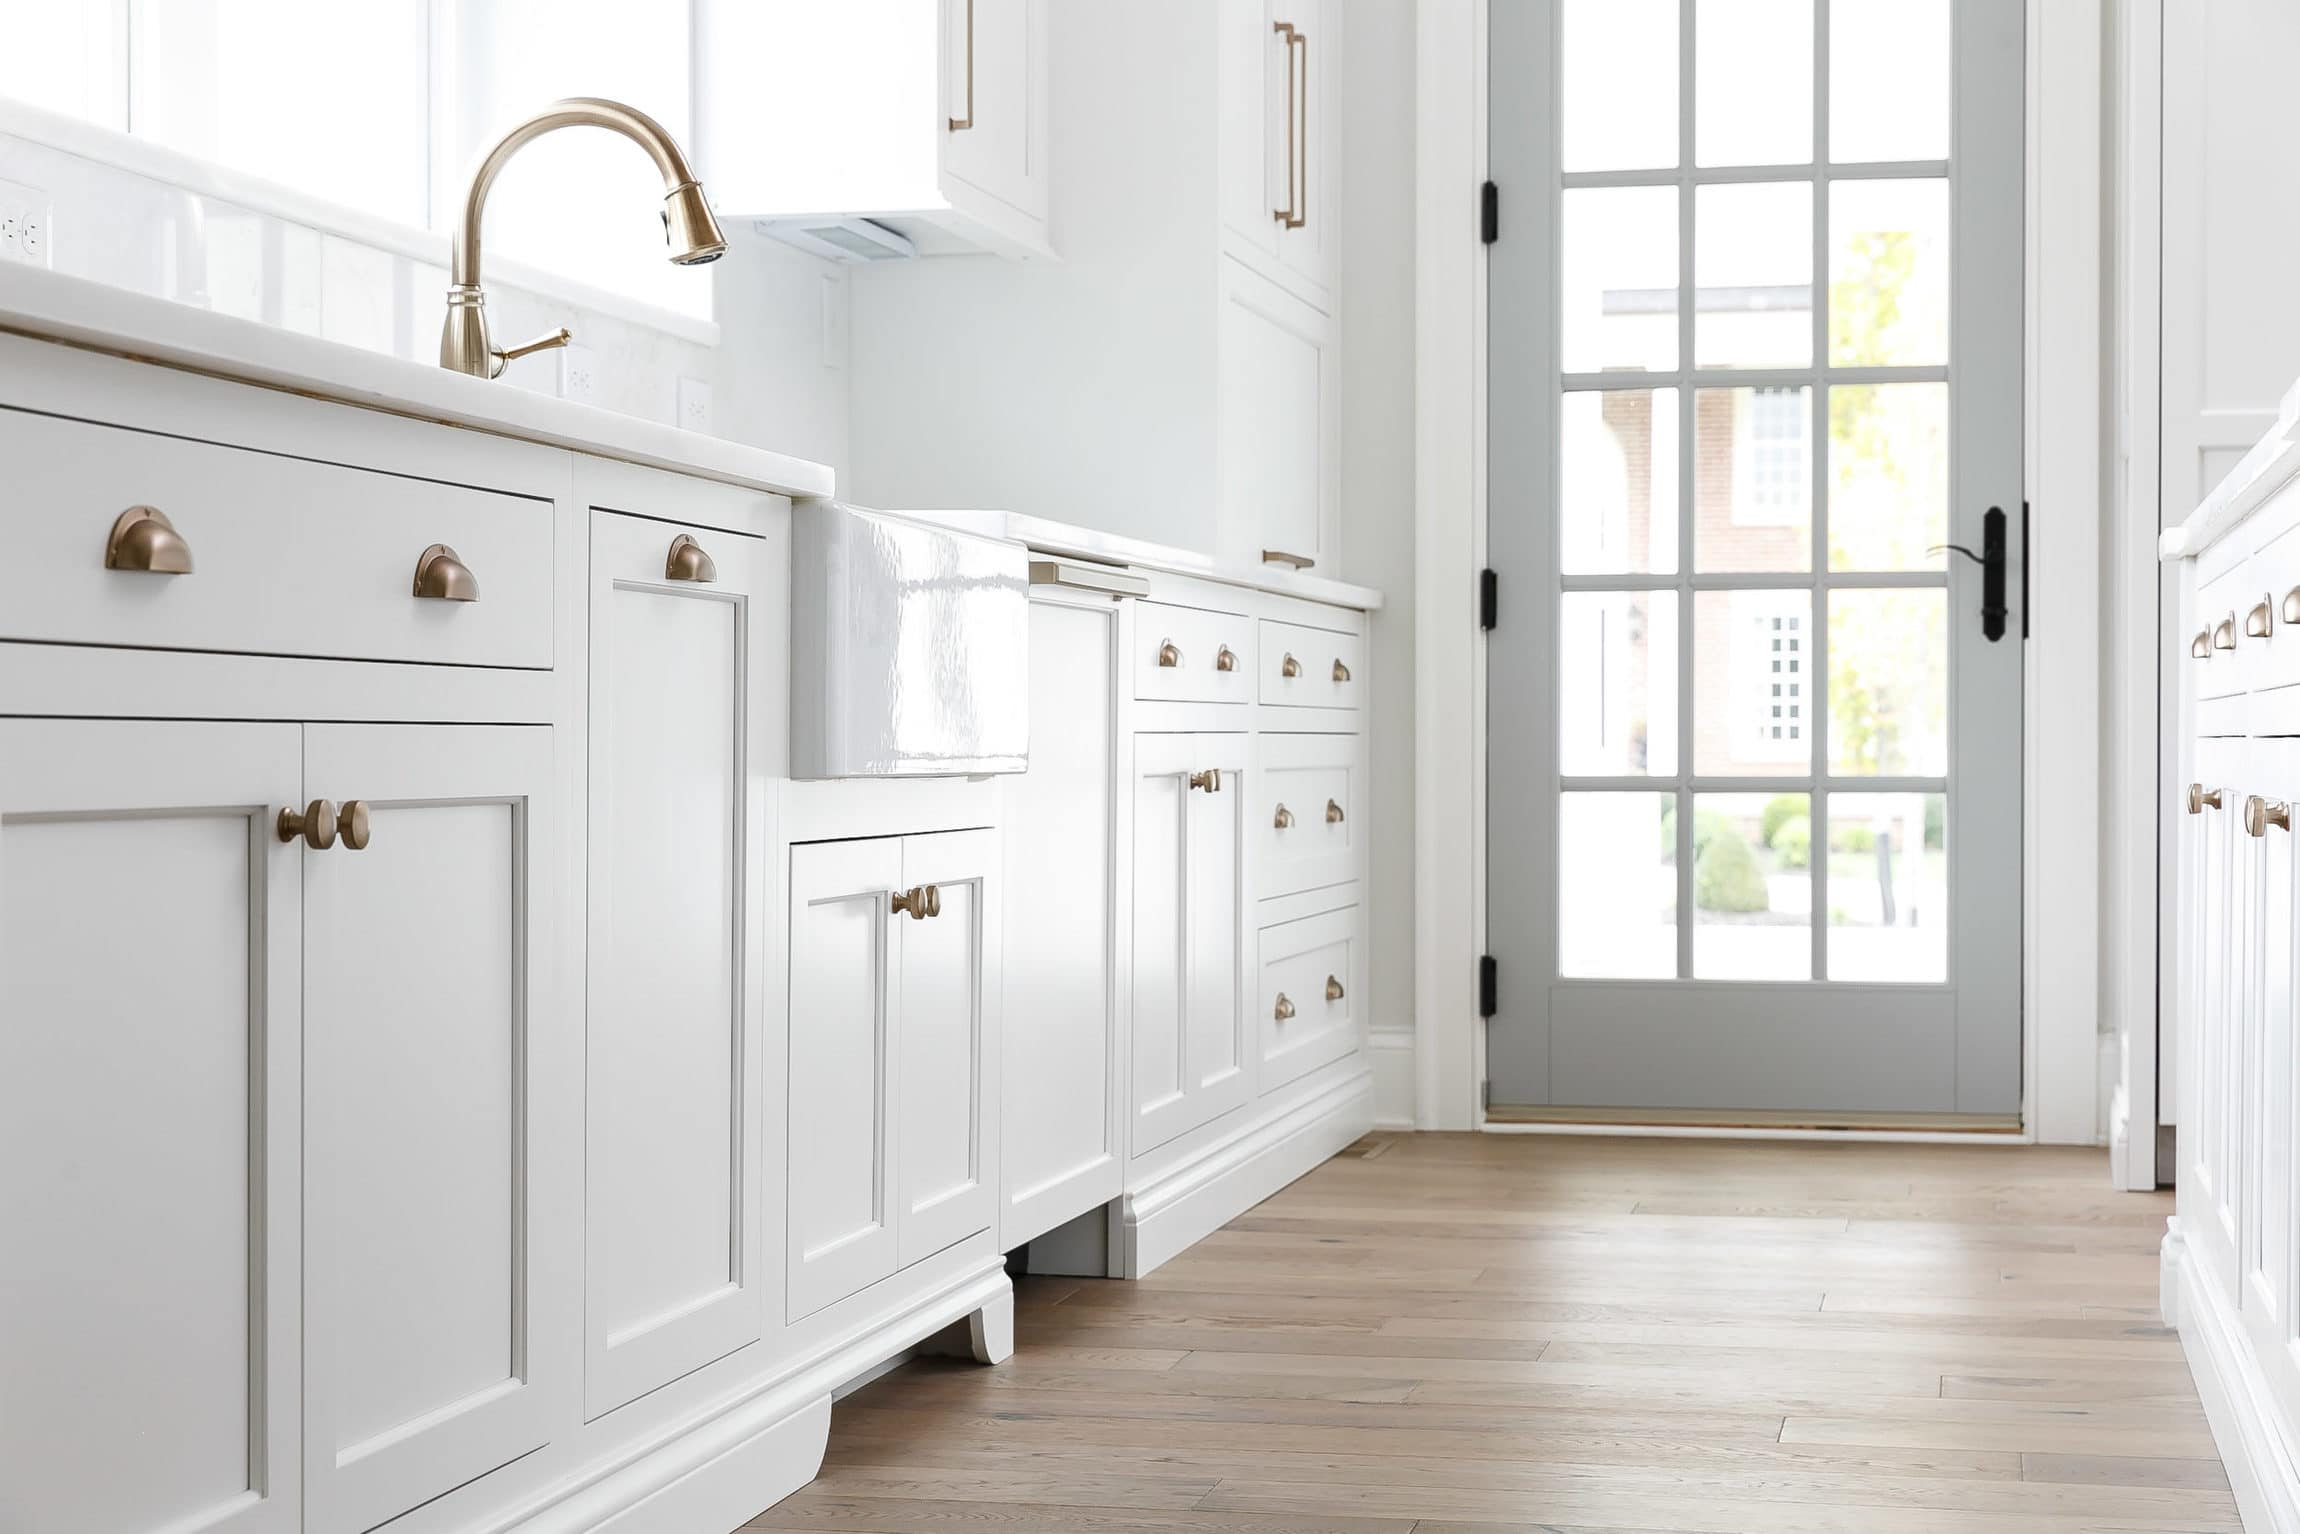 Glenview Kitchen Design